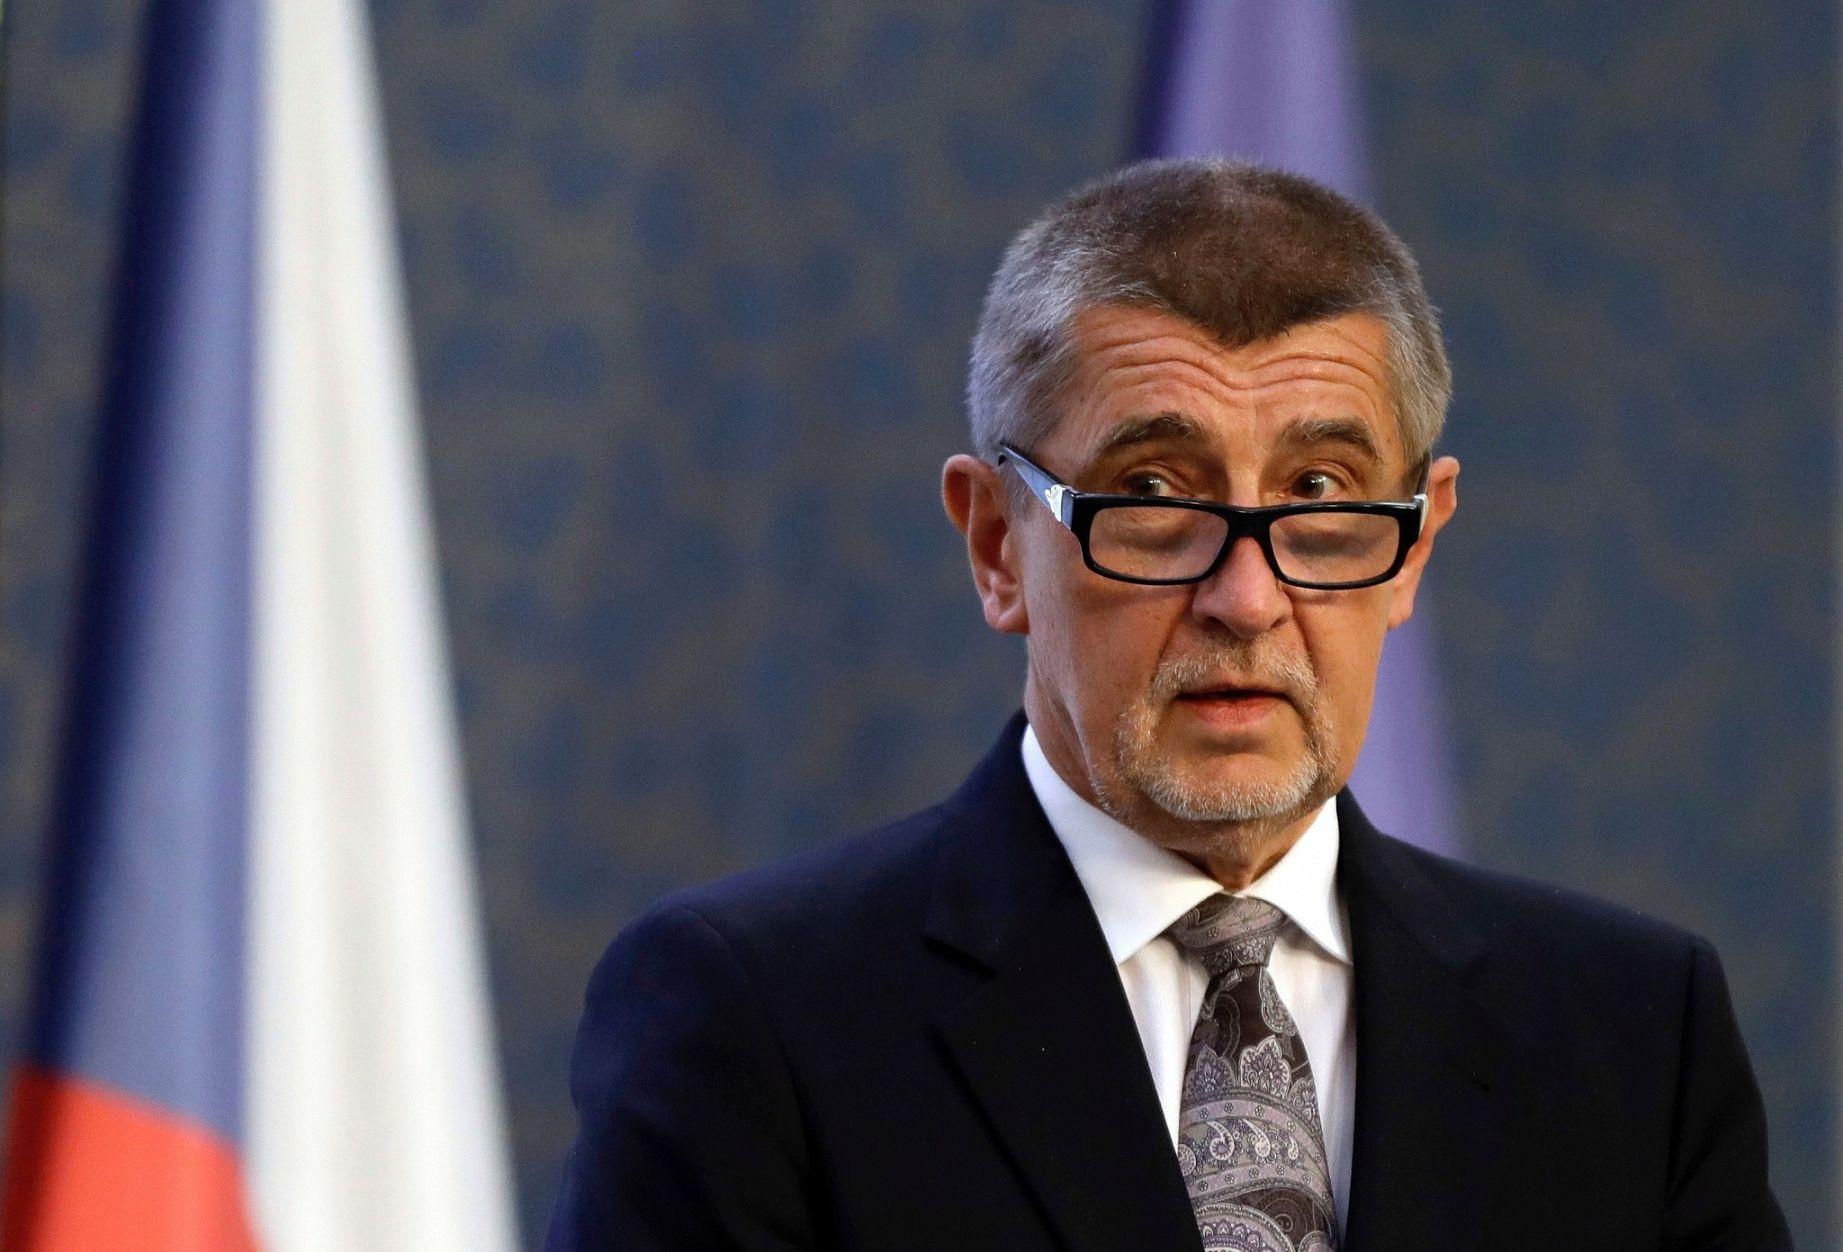 رئيس وزراء التشيك يستعد لتلقي جرعة لقاح ثالثة مضادة لكورونا